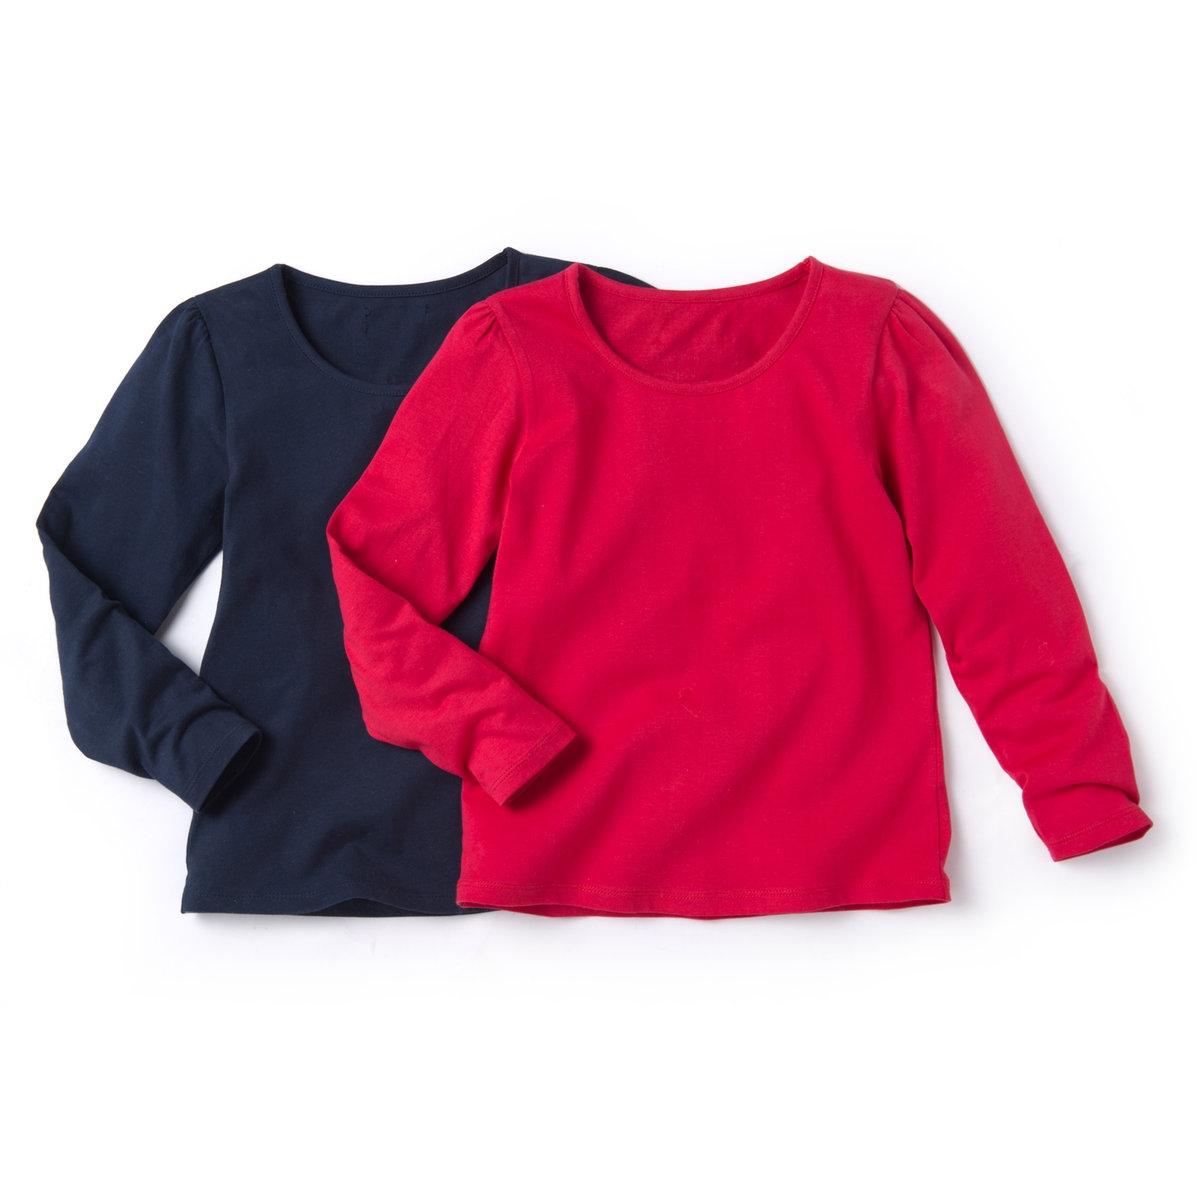 Комплект из 2 футболок с длинными рукавами, 3-12 летДетали •  Длинные рукава •  Круглый вырезСостав и уход •  100% хлопок •  Стирать при 40° •  Сухая чистка и отбеливание запрещены • Барабанная сушка на слабом режиме       • Средняя температура глажки<br><br>Цвет: белый + ярко-синий,белый/светло-розовый,темно-синий  + розовый,черный + серо-сиреневый<br>Размер: 8 лет - 126 см.12 лет -150 см.10 лет - 138 см.4 года - 102 см.6 лет - 114 см.3 года - 94 см.8 лет - 126 см.12 лет -150 см.10 лет - 138 см.4 года - 102 см.6 лет - 114 см.3 года - 94 см.8 лет - 126 см.12 лет -150 см.4 года - 102 см.6 лет - 114 см.10 лет - 138 см.6 лет - 114 см.5 лет - 108 см.12 лет -150 см.10 лет - 138 см.5 лет - 108 см